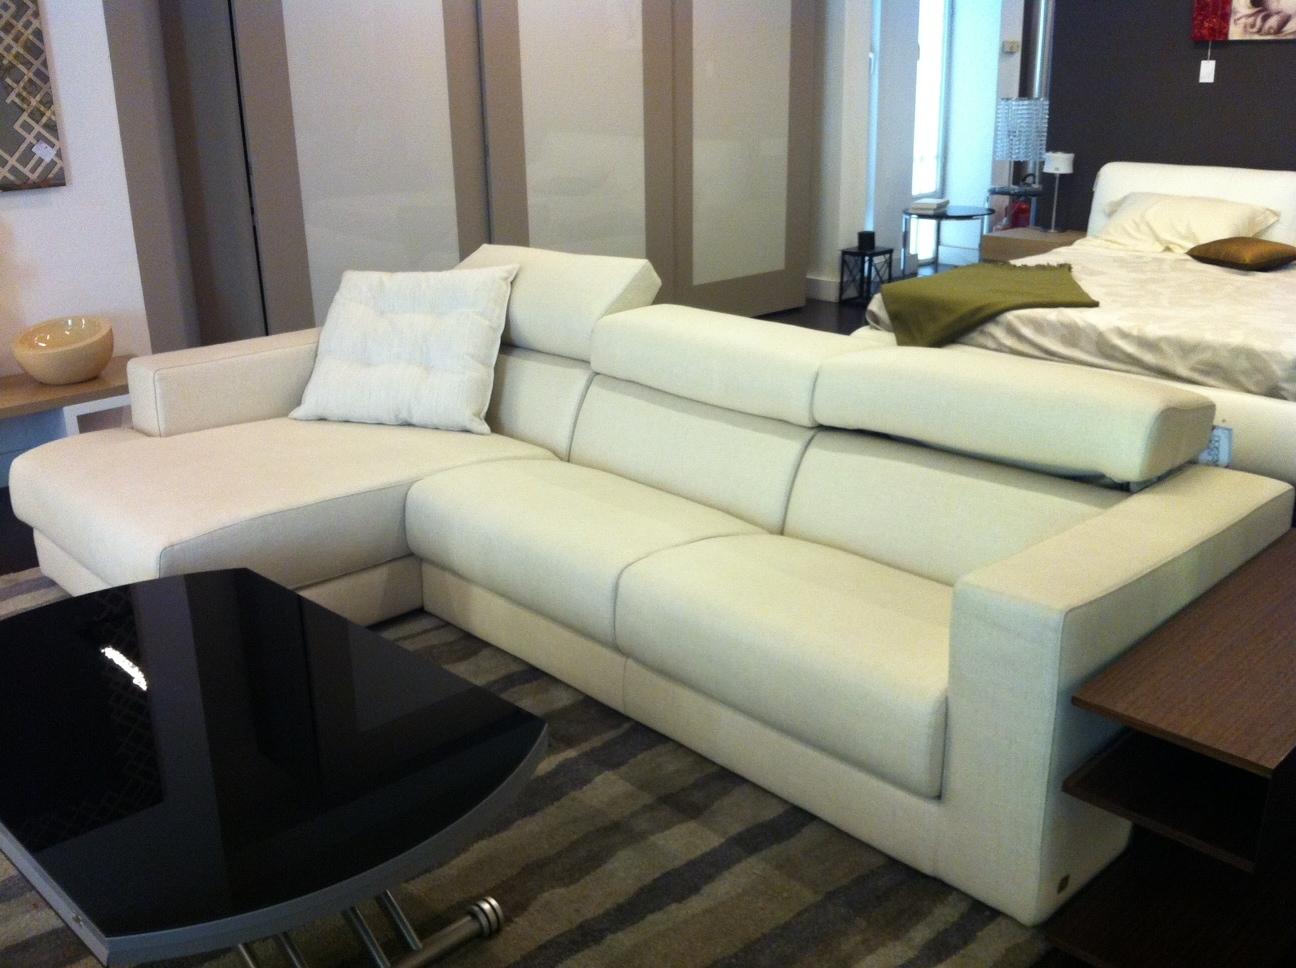 Divano busnelli in offerta divani a prezzi scontati - Divano design offerta ...